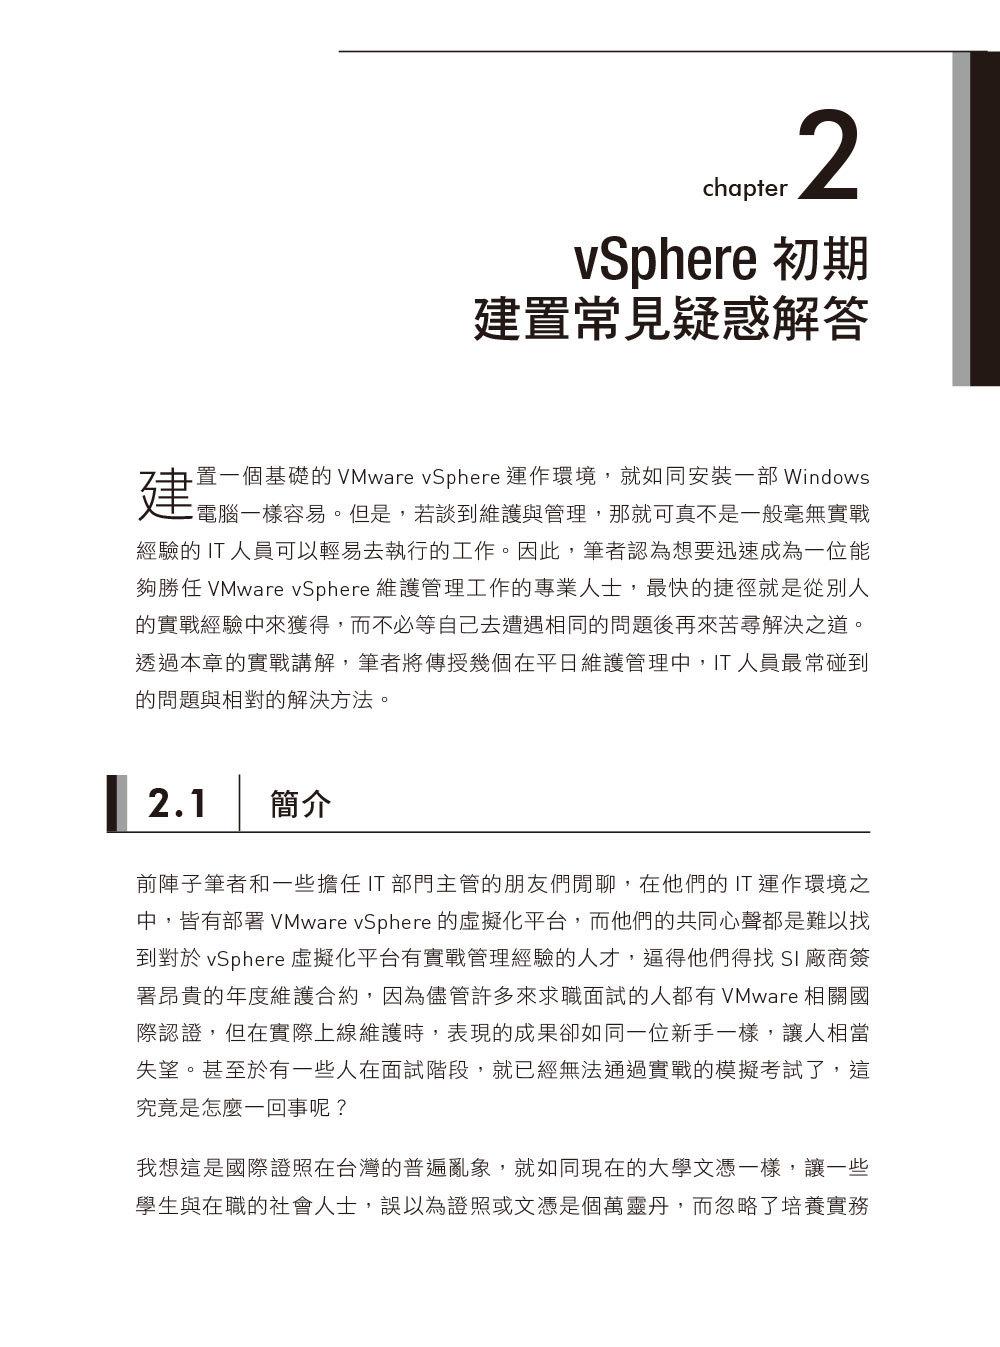 實戰 VMware vSphere 6.x 企業私有雲建置|異地備援x軟體定義儲存x高可用性-preview-1